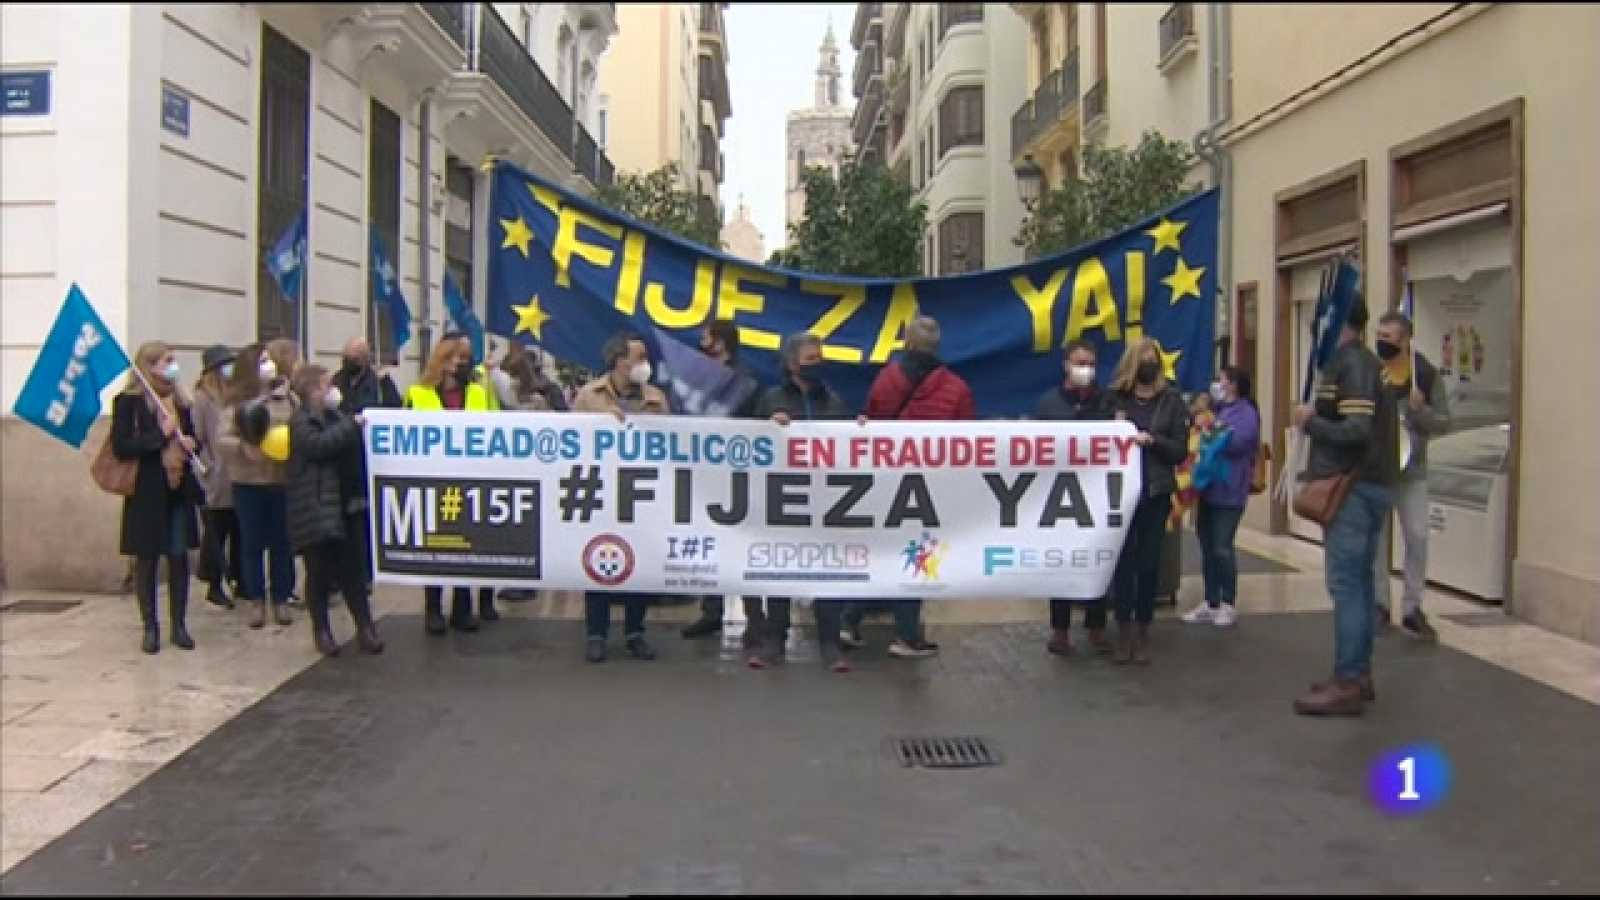 L'Informatiu Comunitat Valenciana 1 - 21/04/21 ver ahora